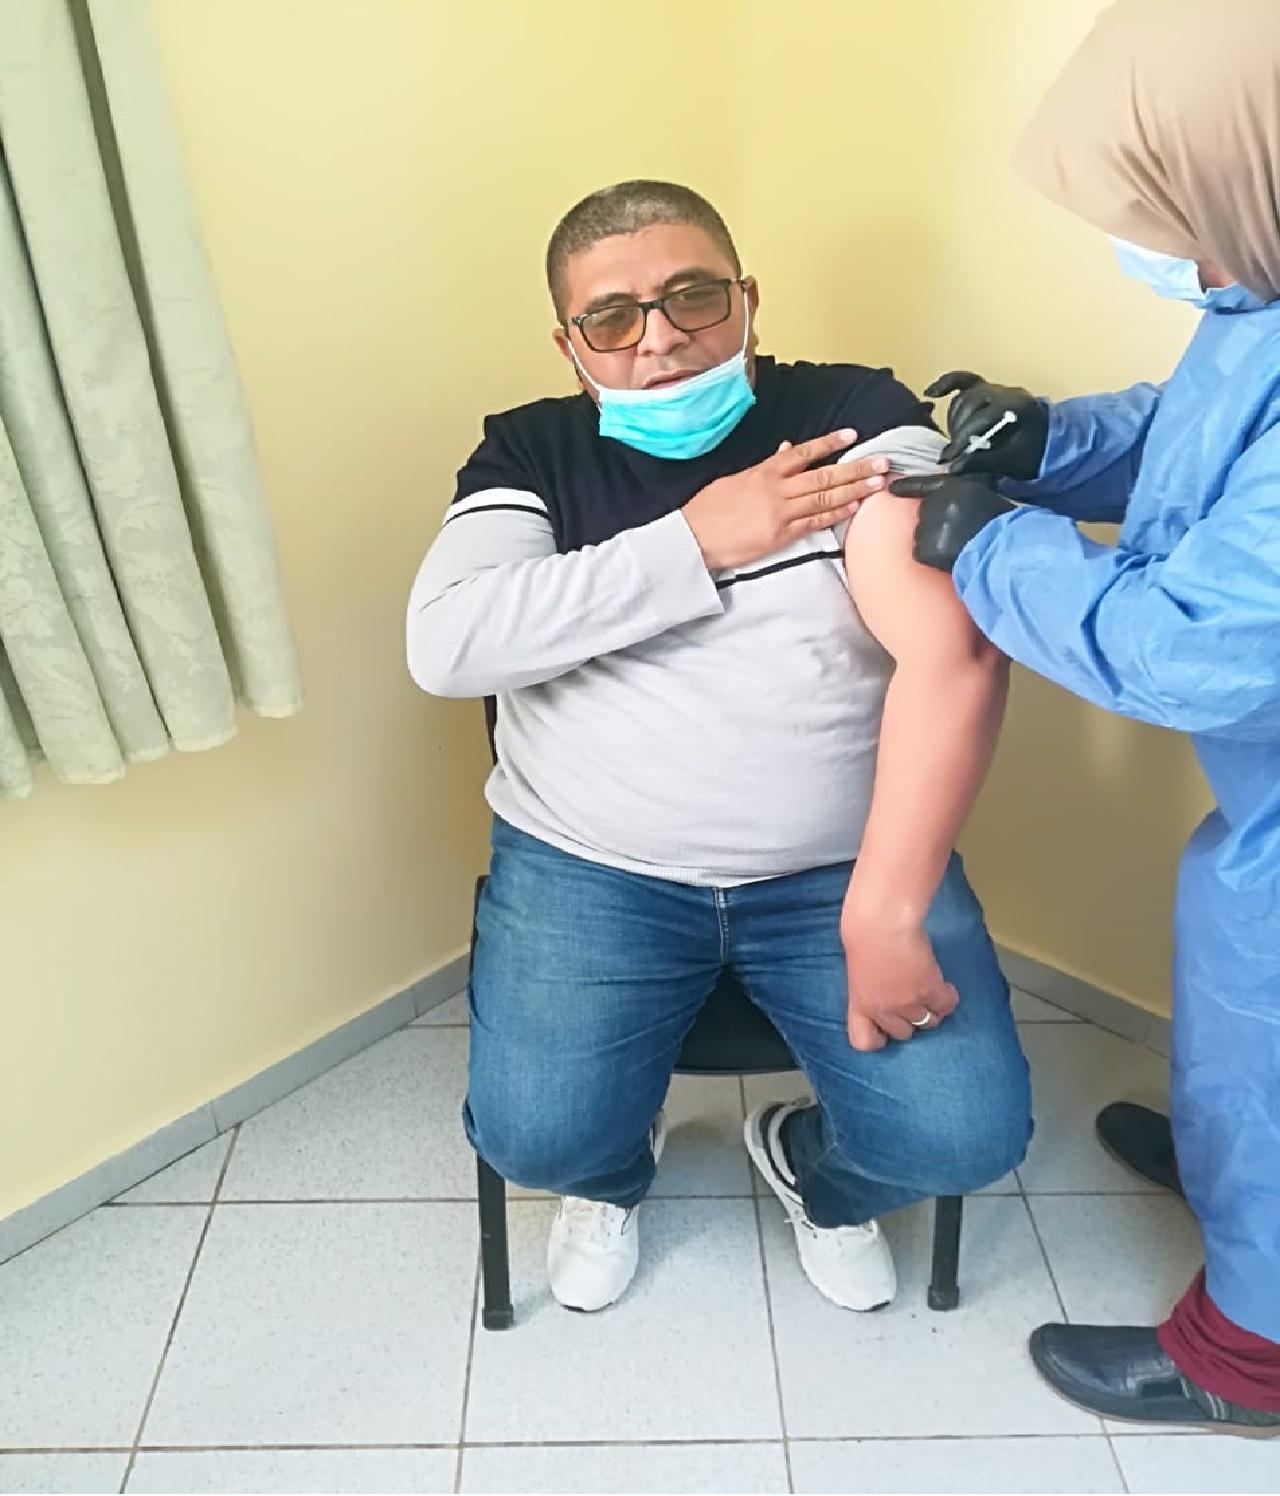 رجال ونساء التعليم بدائرة أفورار يتلقون الجرعة الثانية للقاح